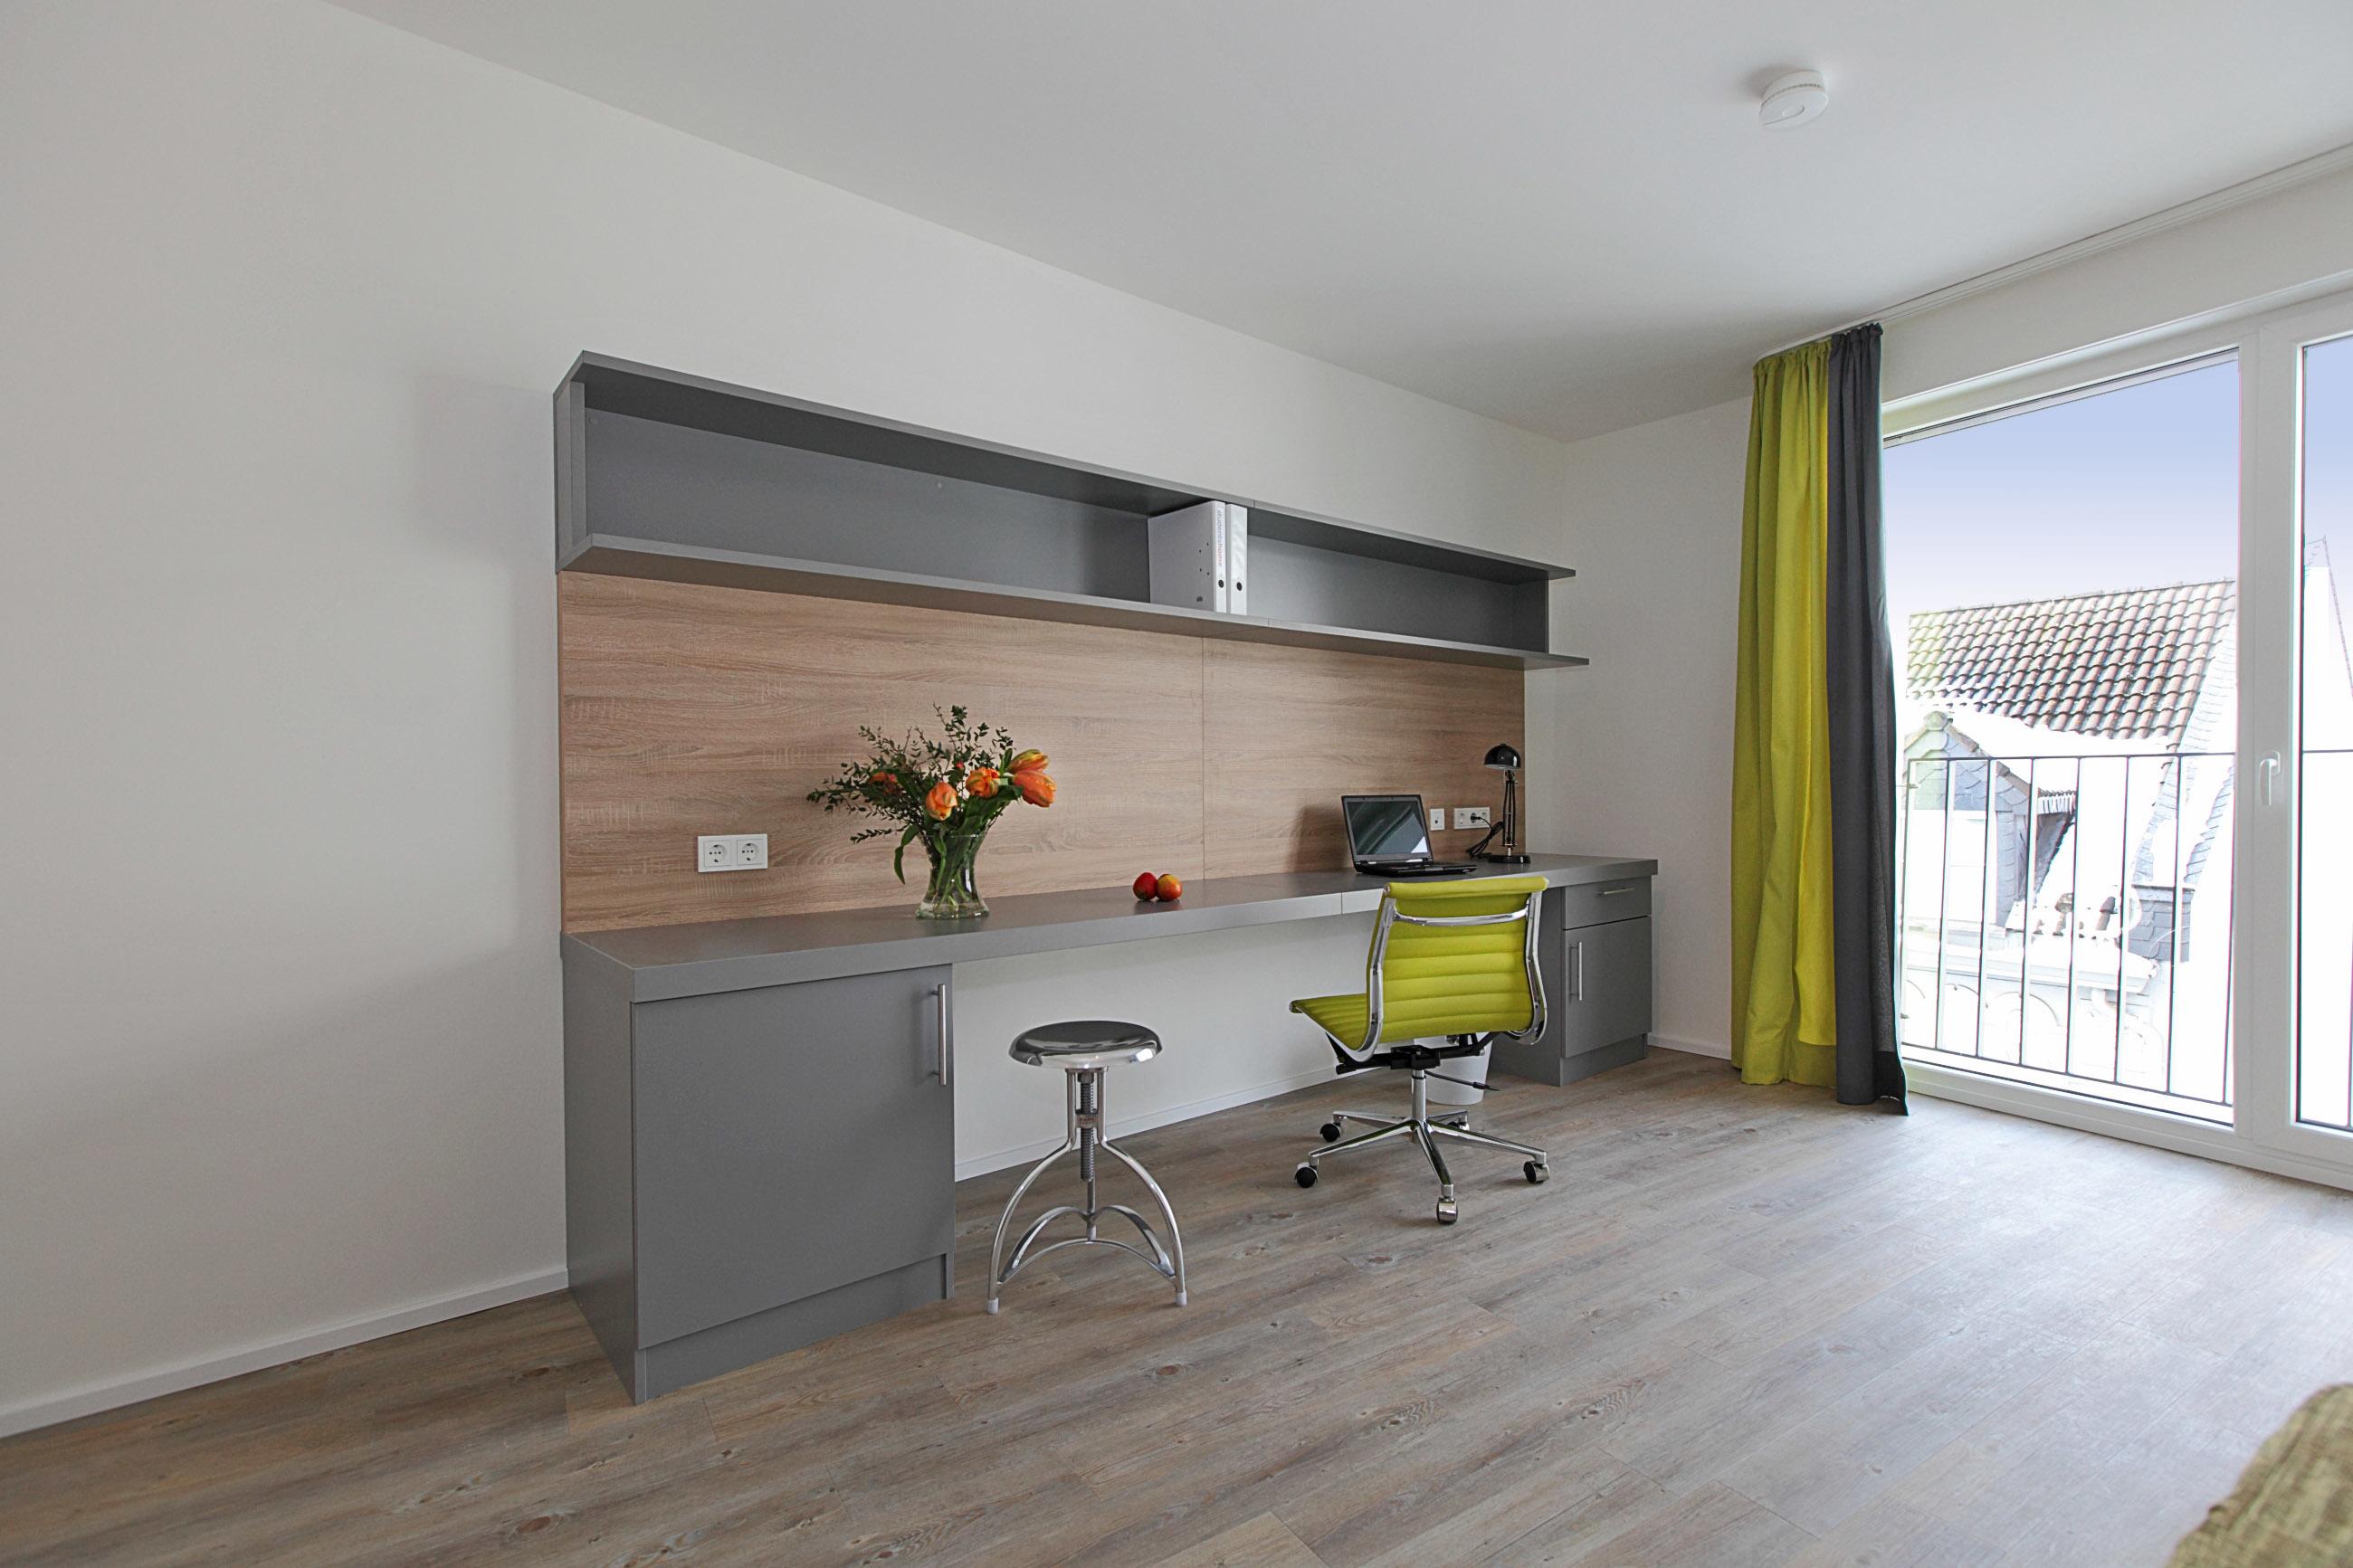 wg gesucht berlin wohnung best 25 wg zimmer ideas on pinterest wohnung nur f r dich ein. Black Bedroom Furniture Sets. Home Design Ideas